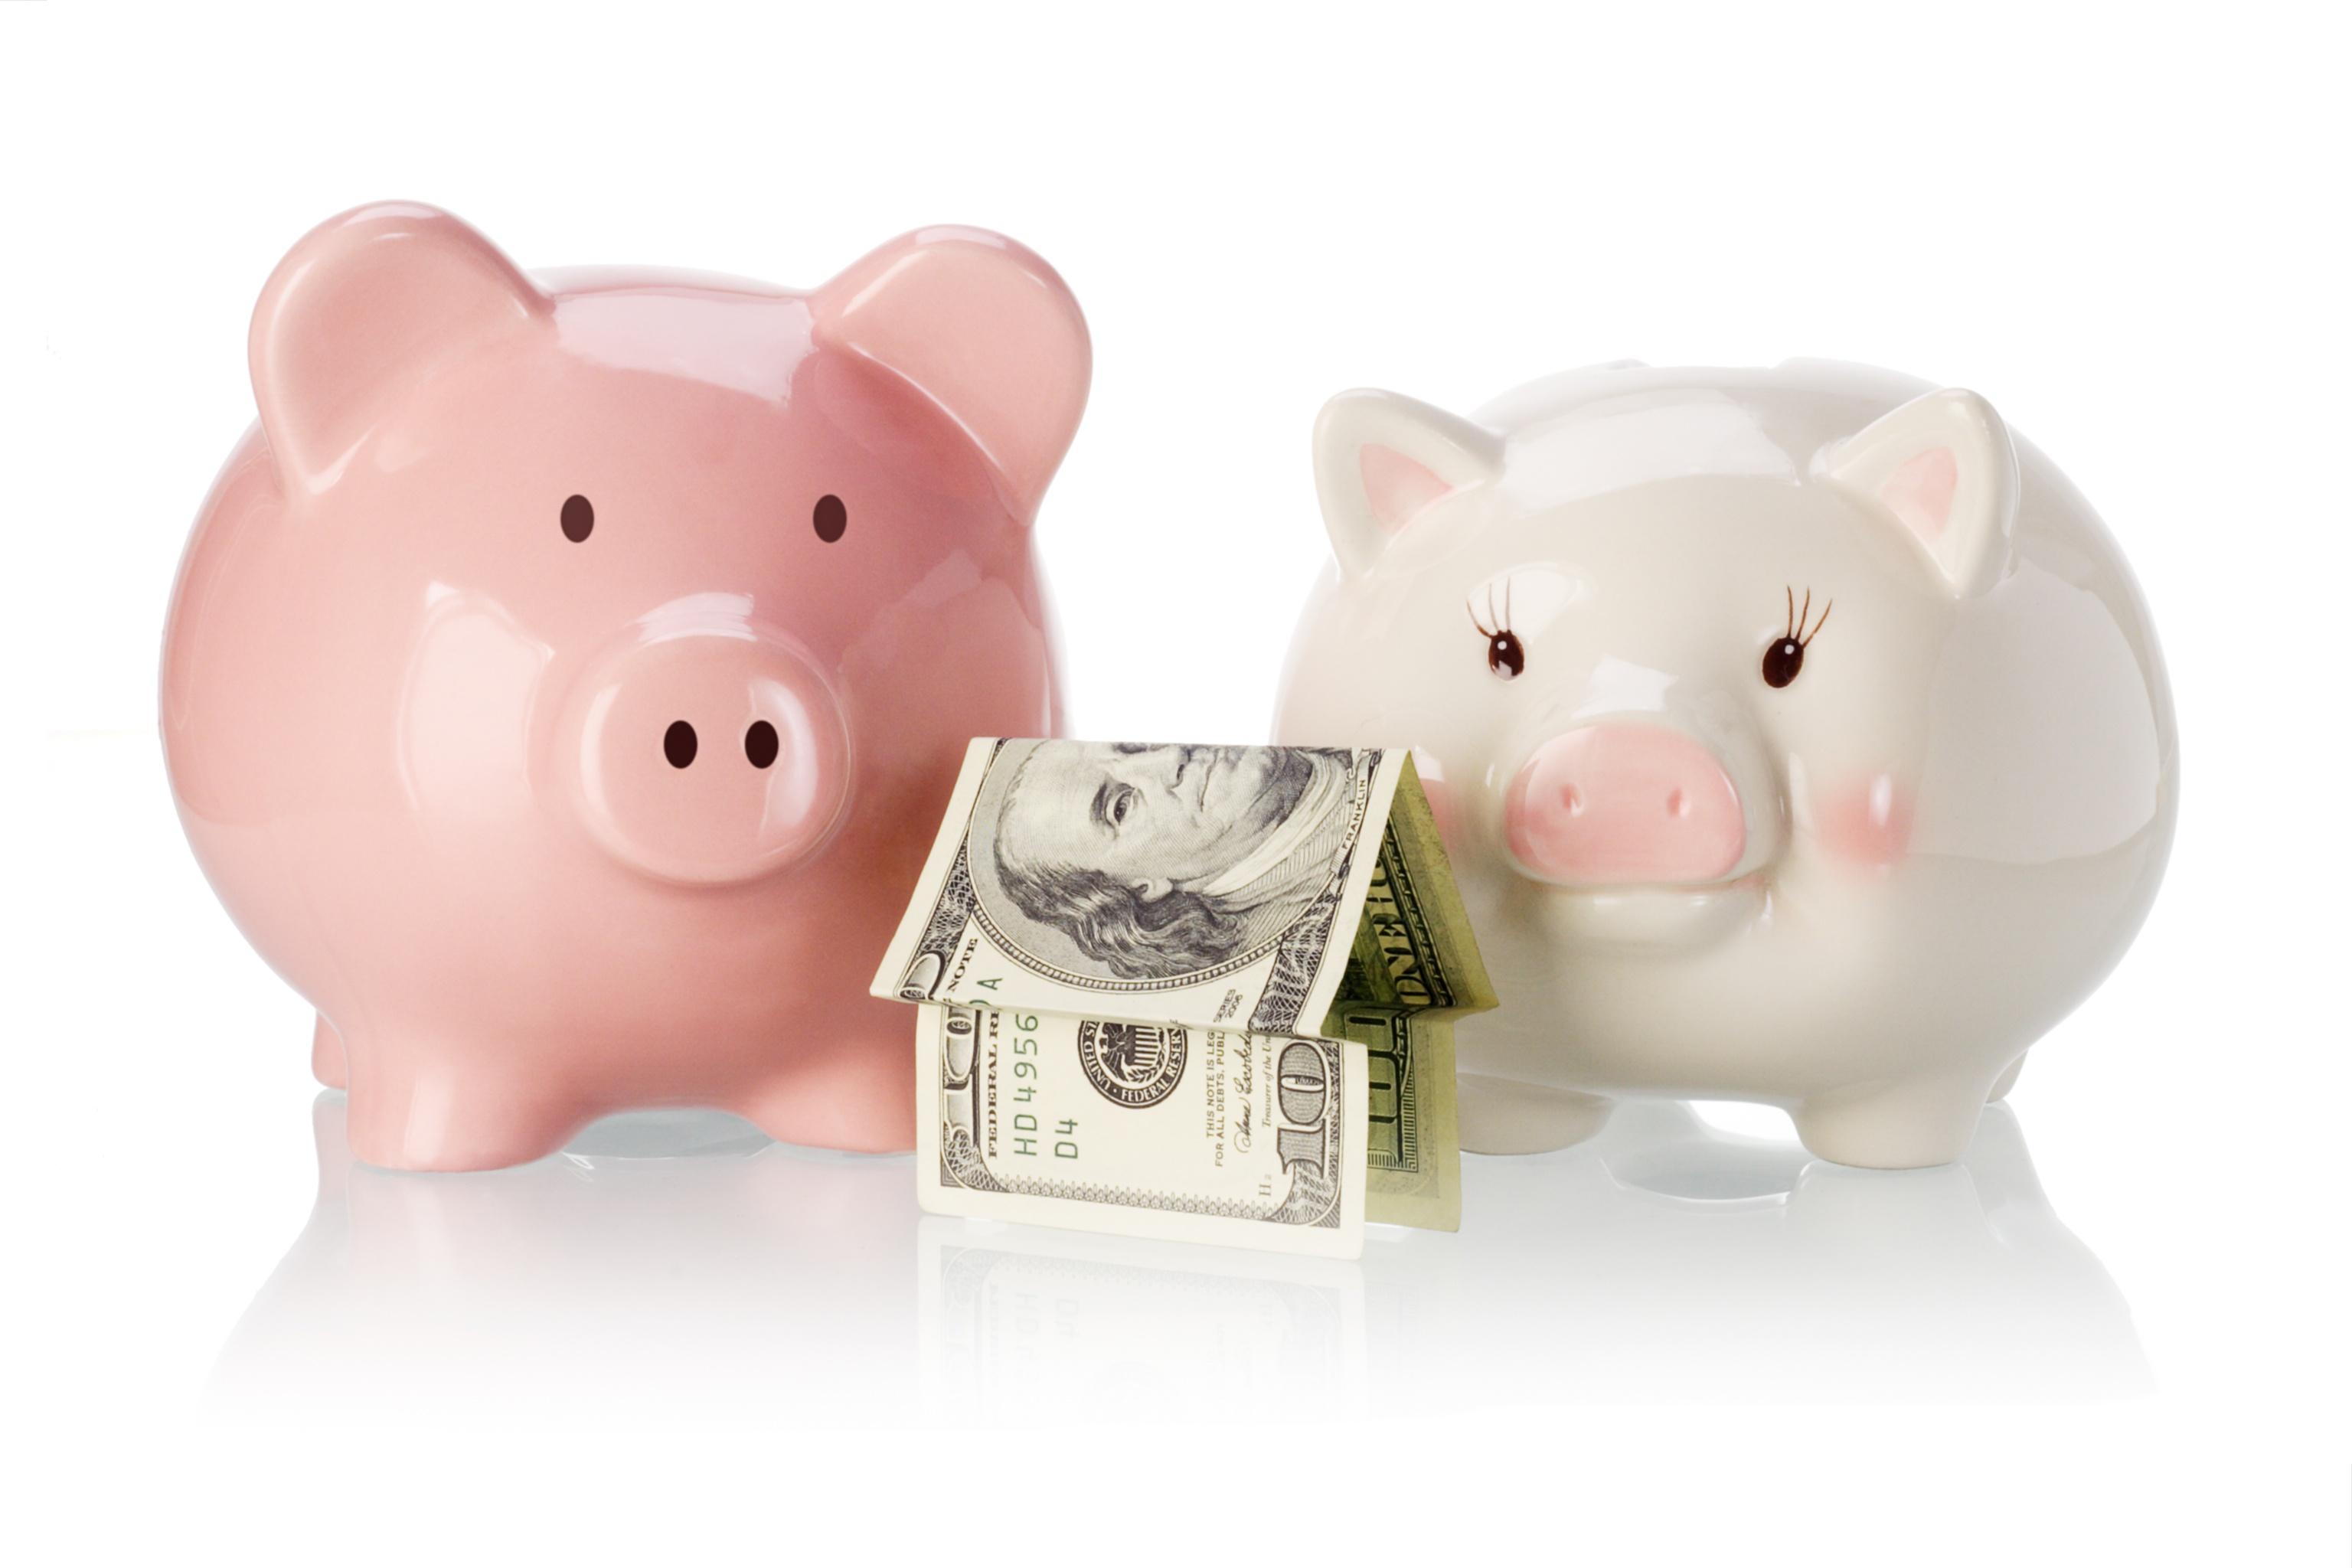 コインパーキング・駐車場経営をする際に関係する税金について